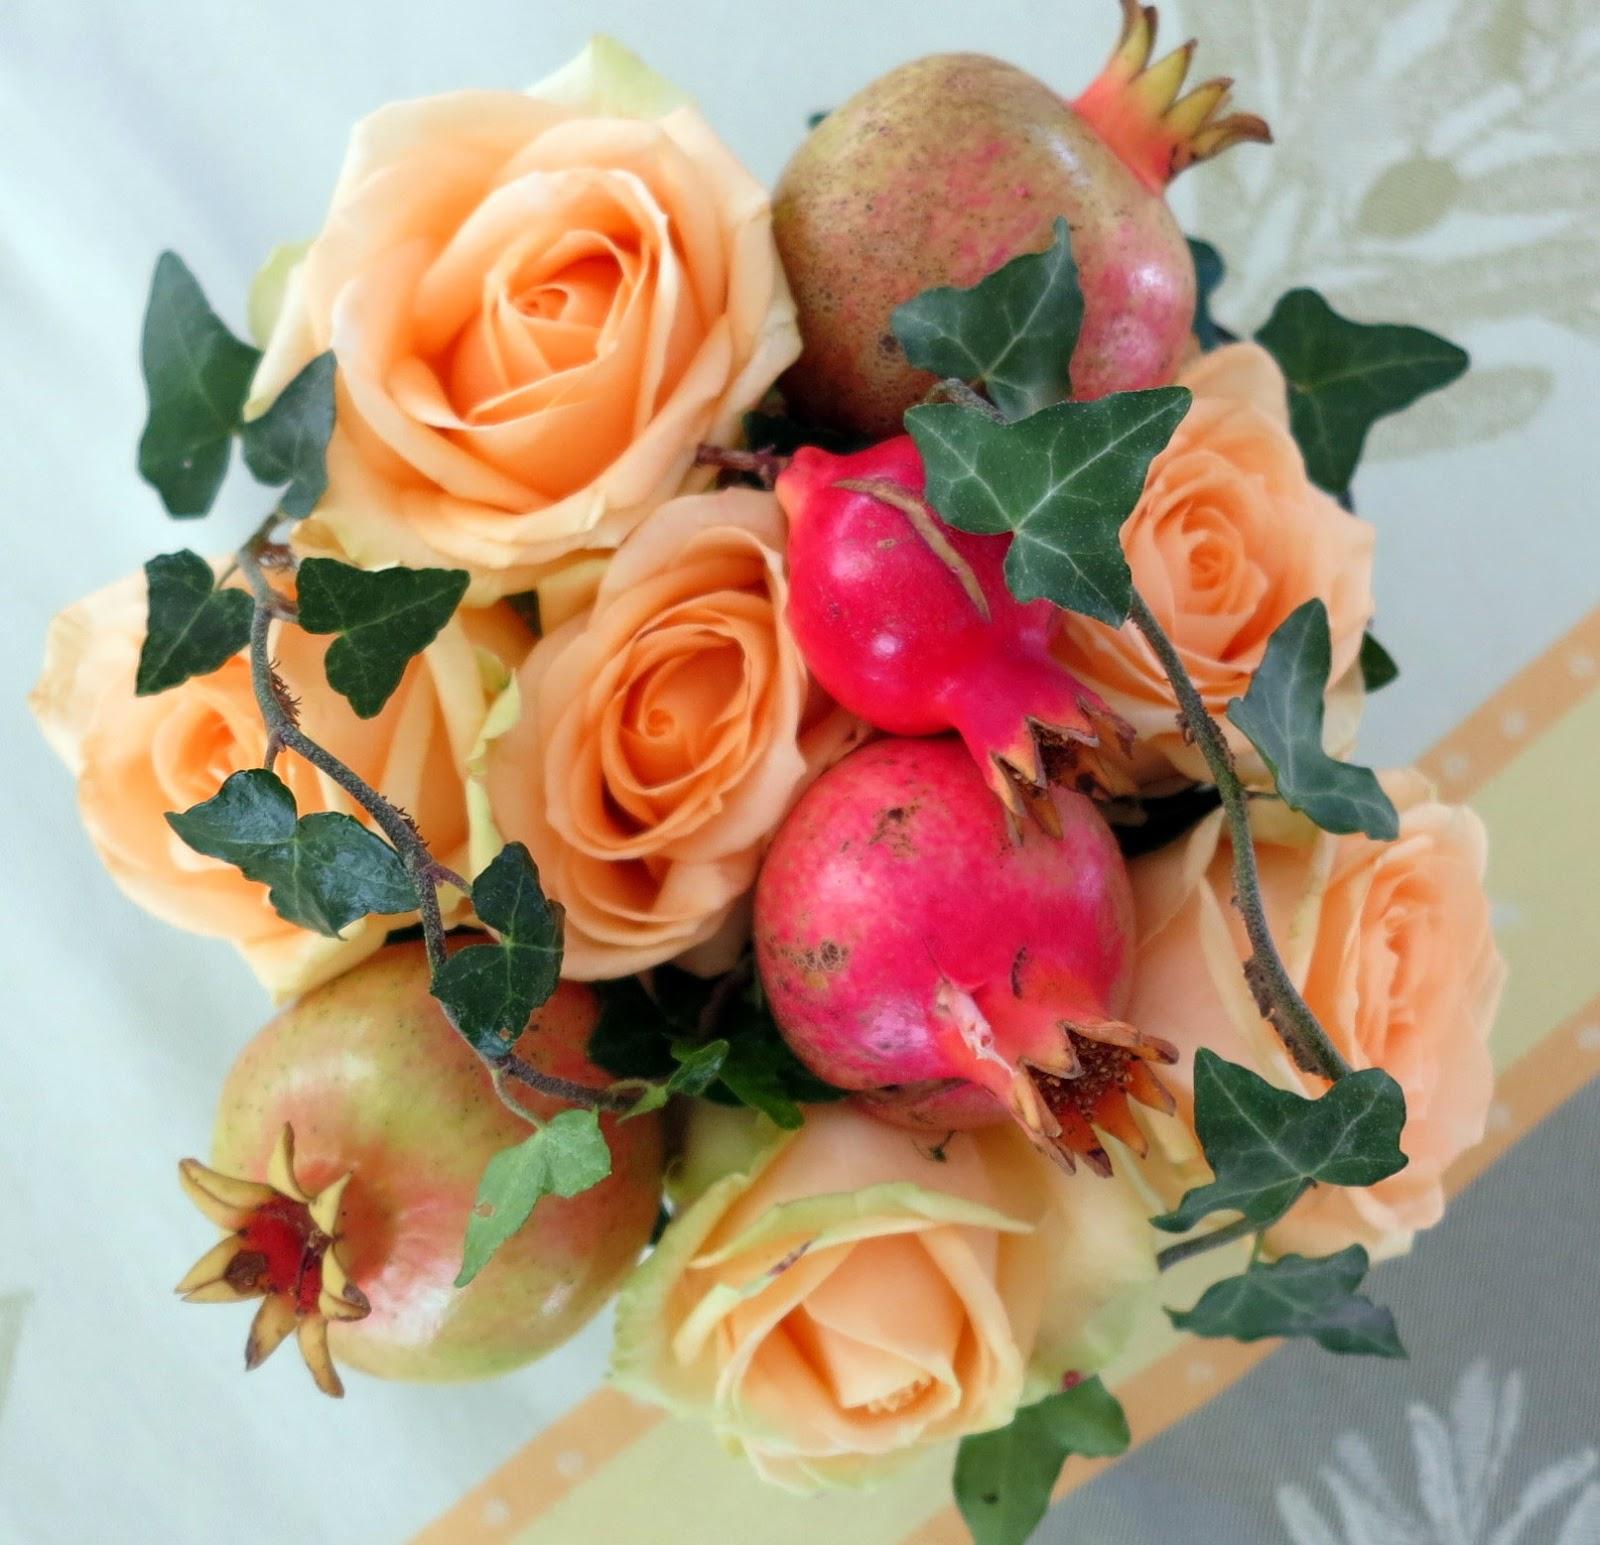 Ambiances et gourmandises de mj couleurs d 39 automne - Composition florale automne ...